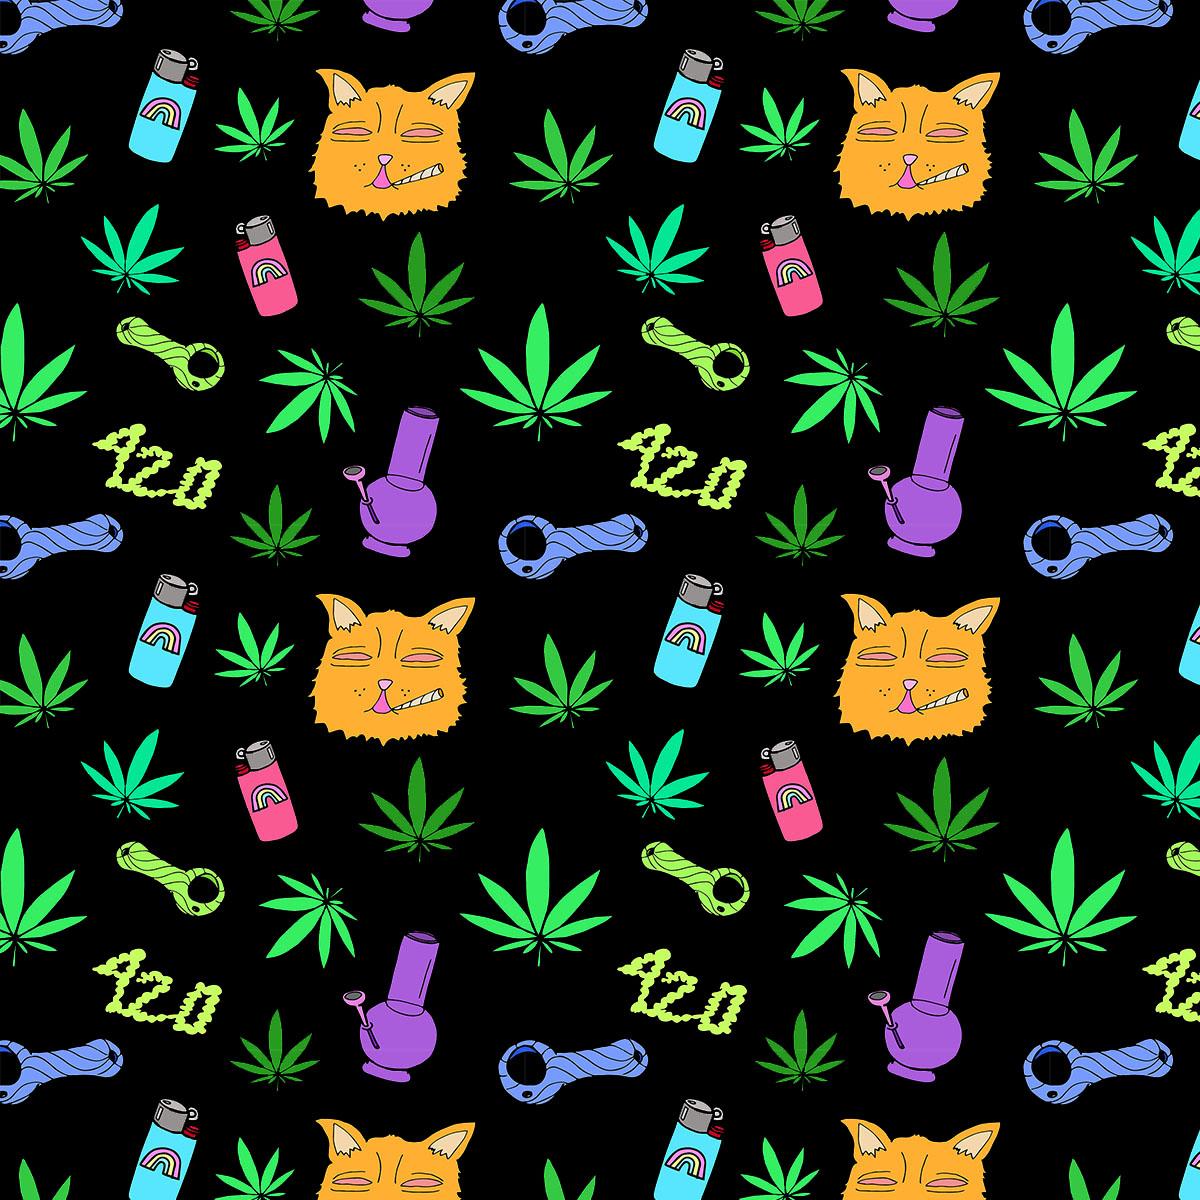 DUDE, IT'S 420 PATTERN